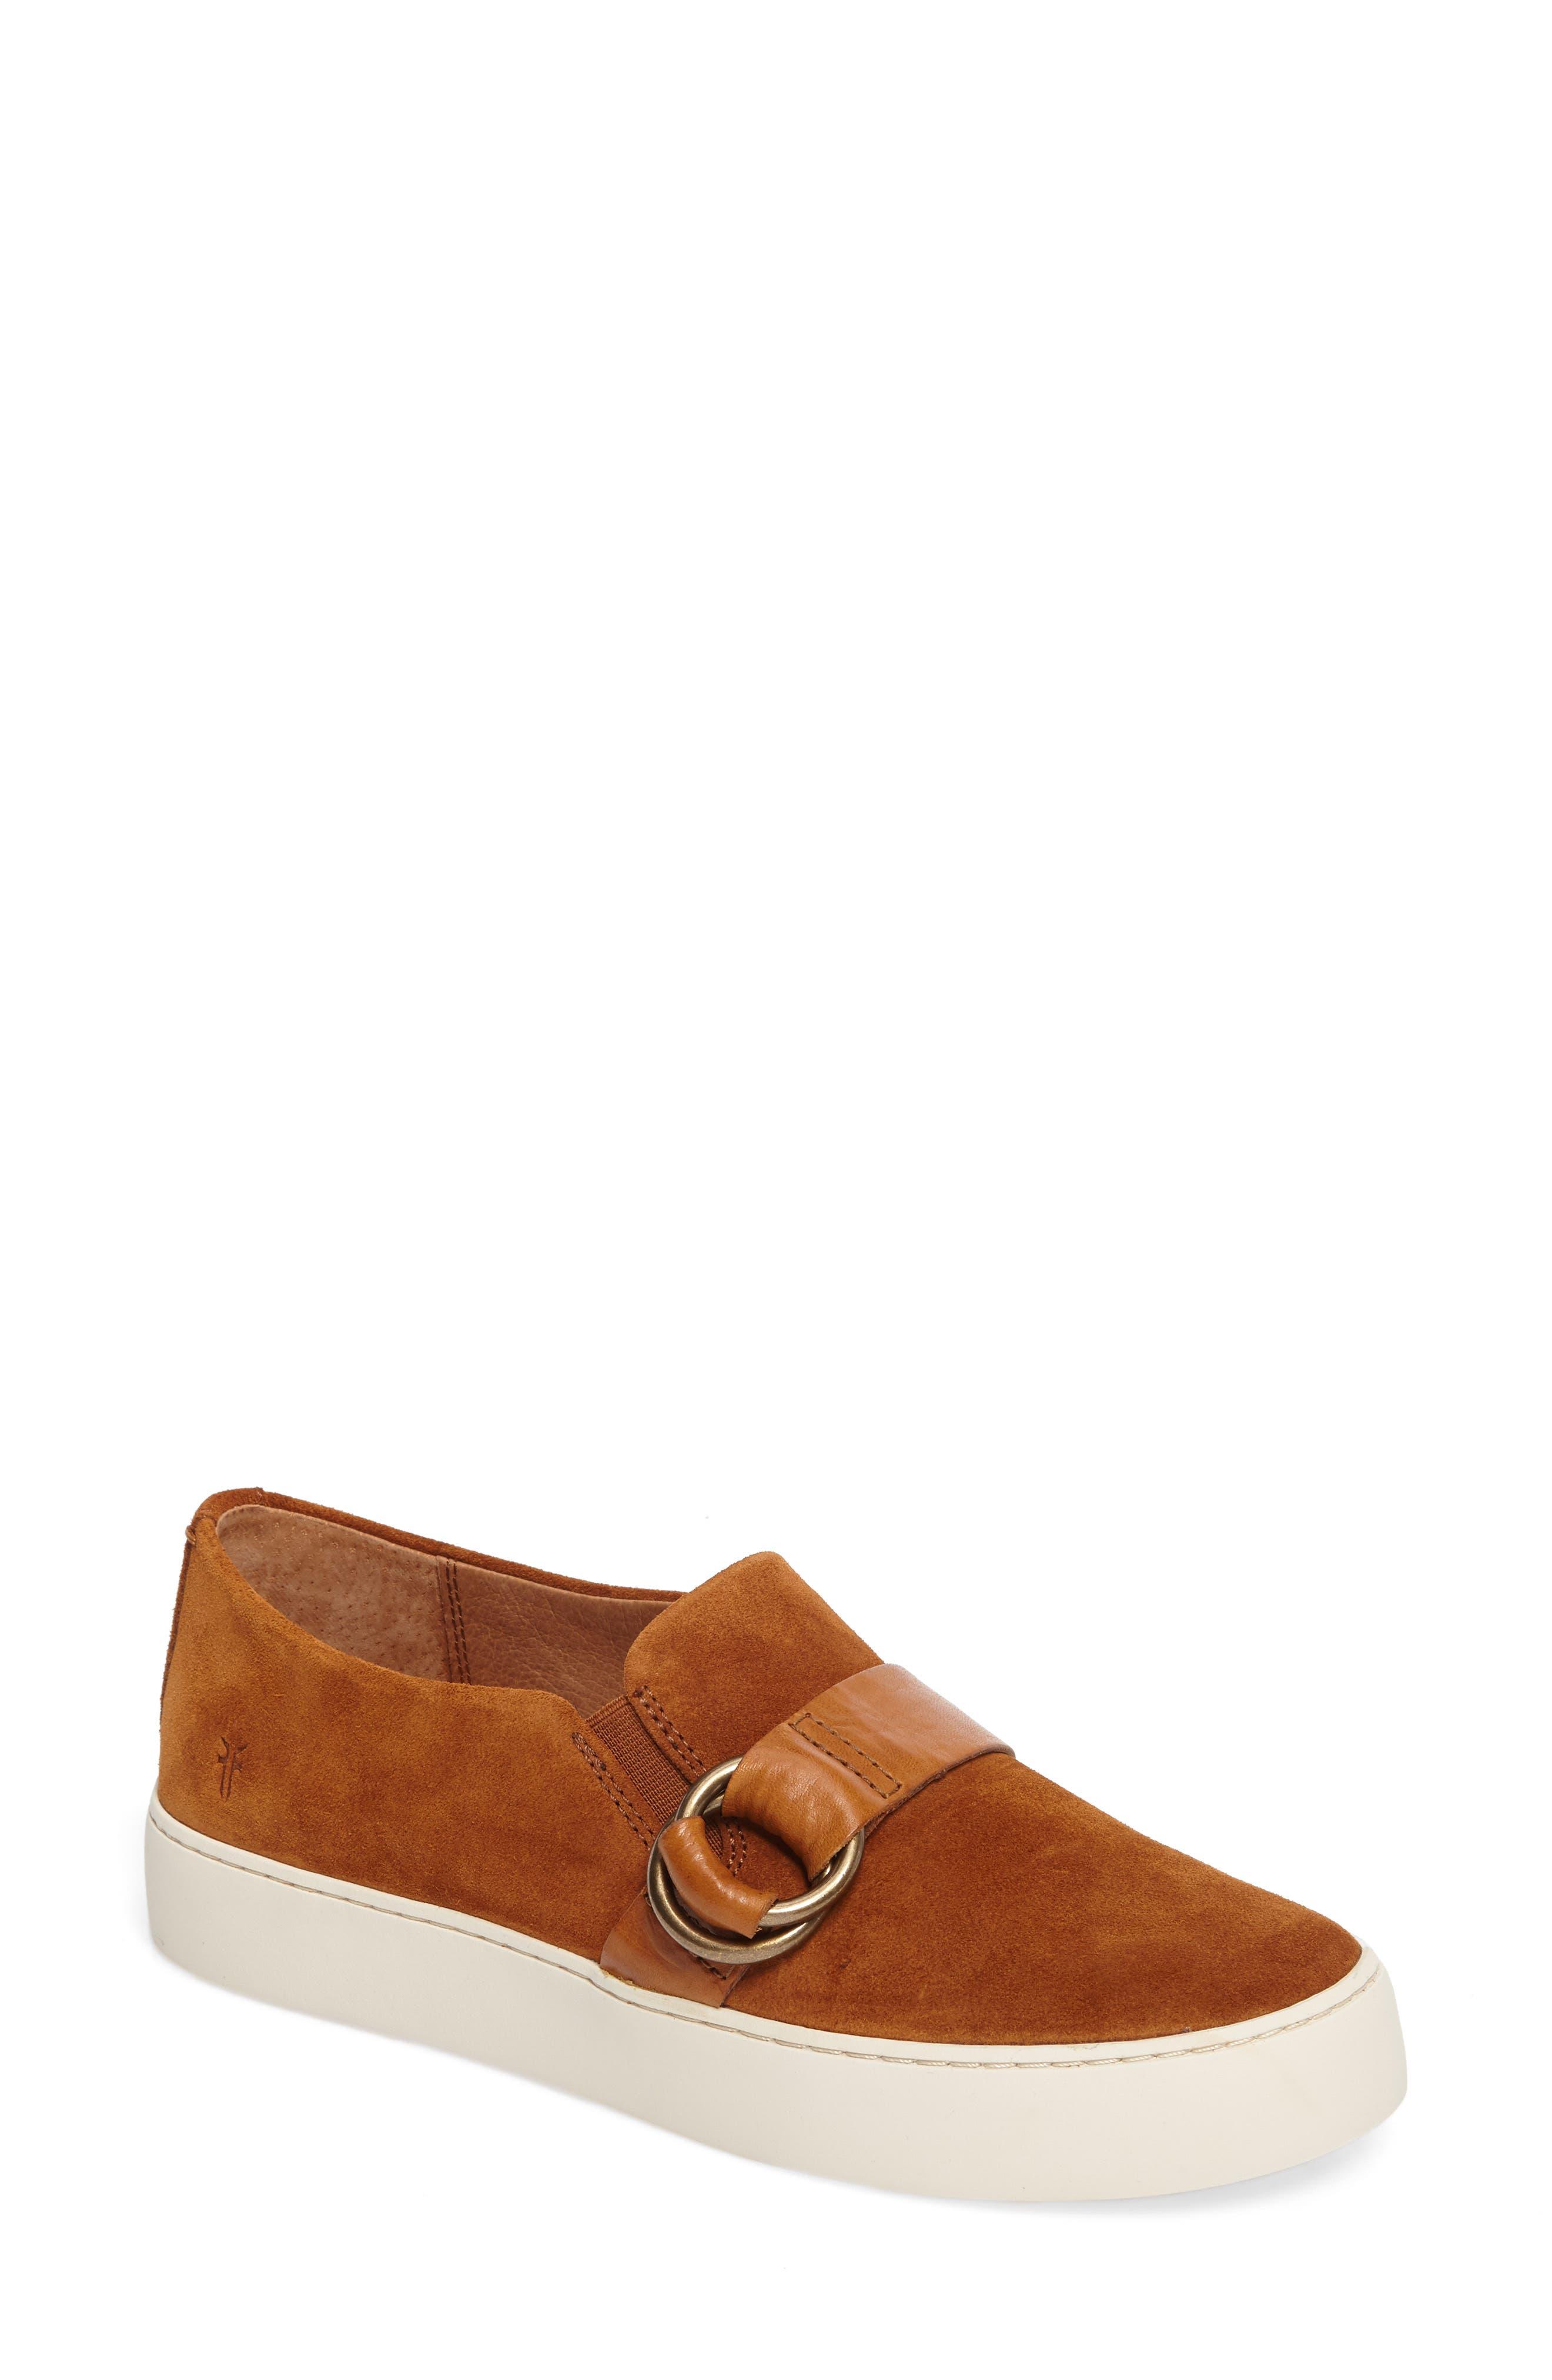 Alternate Image 1 Selected - Frye Lena Harness Slip-On Sneaker (Women)